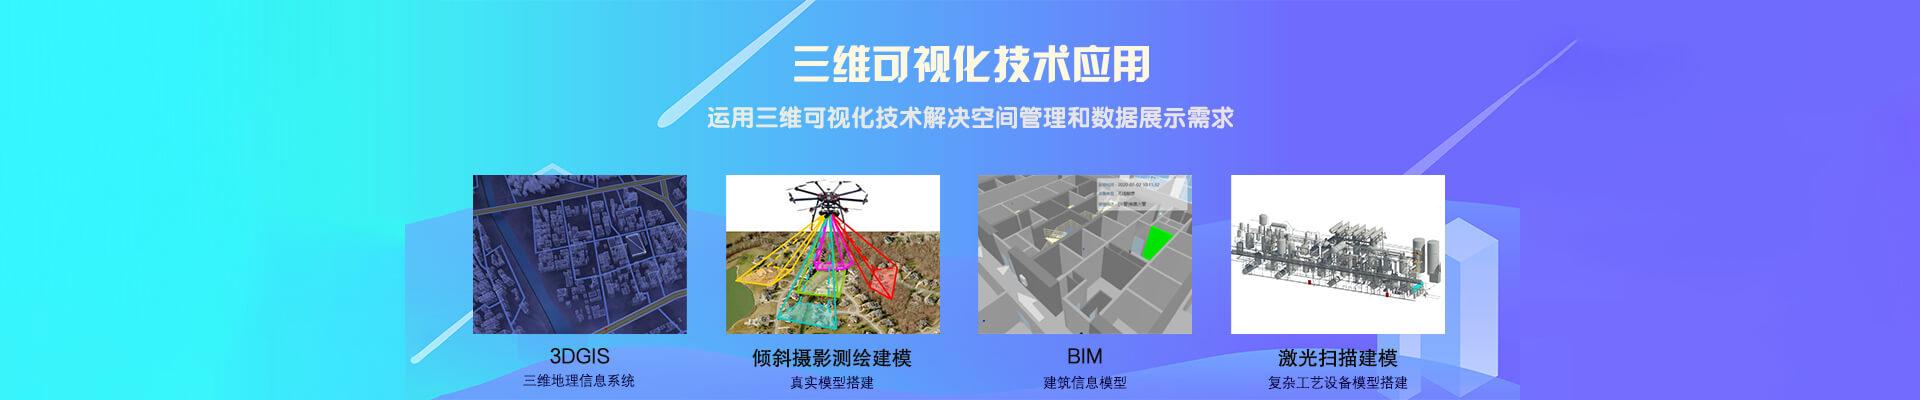 三维可视化、3DGIS、BIM、倾斜摄影测绘建模、激光扫描建模